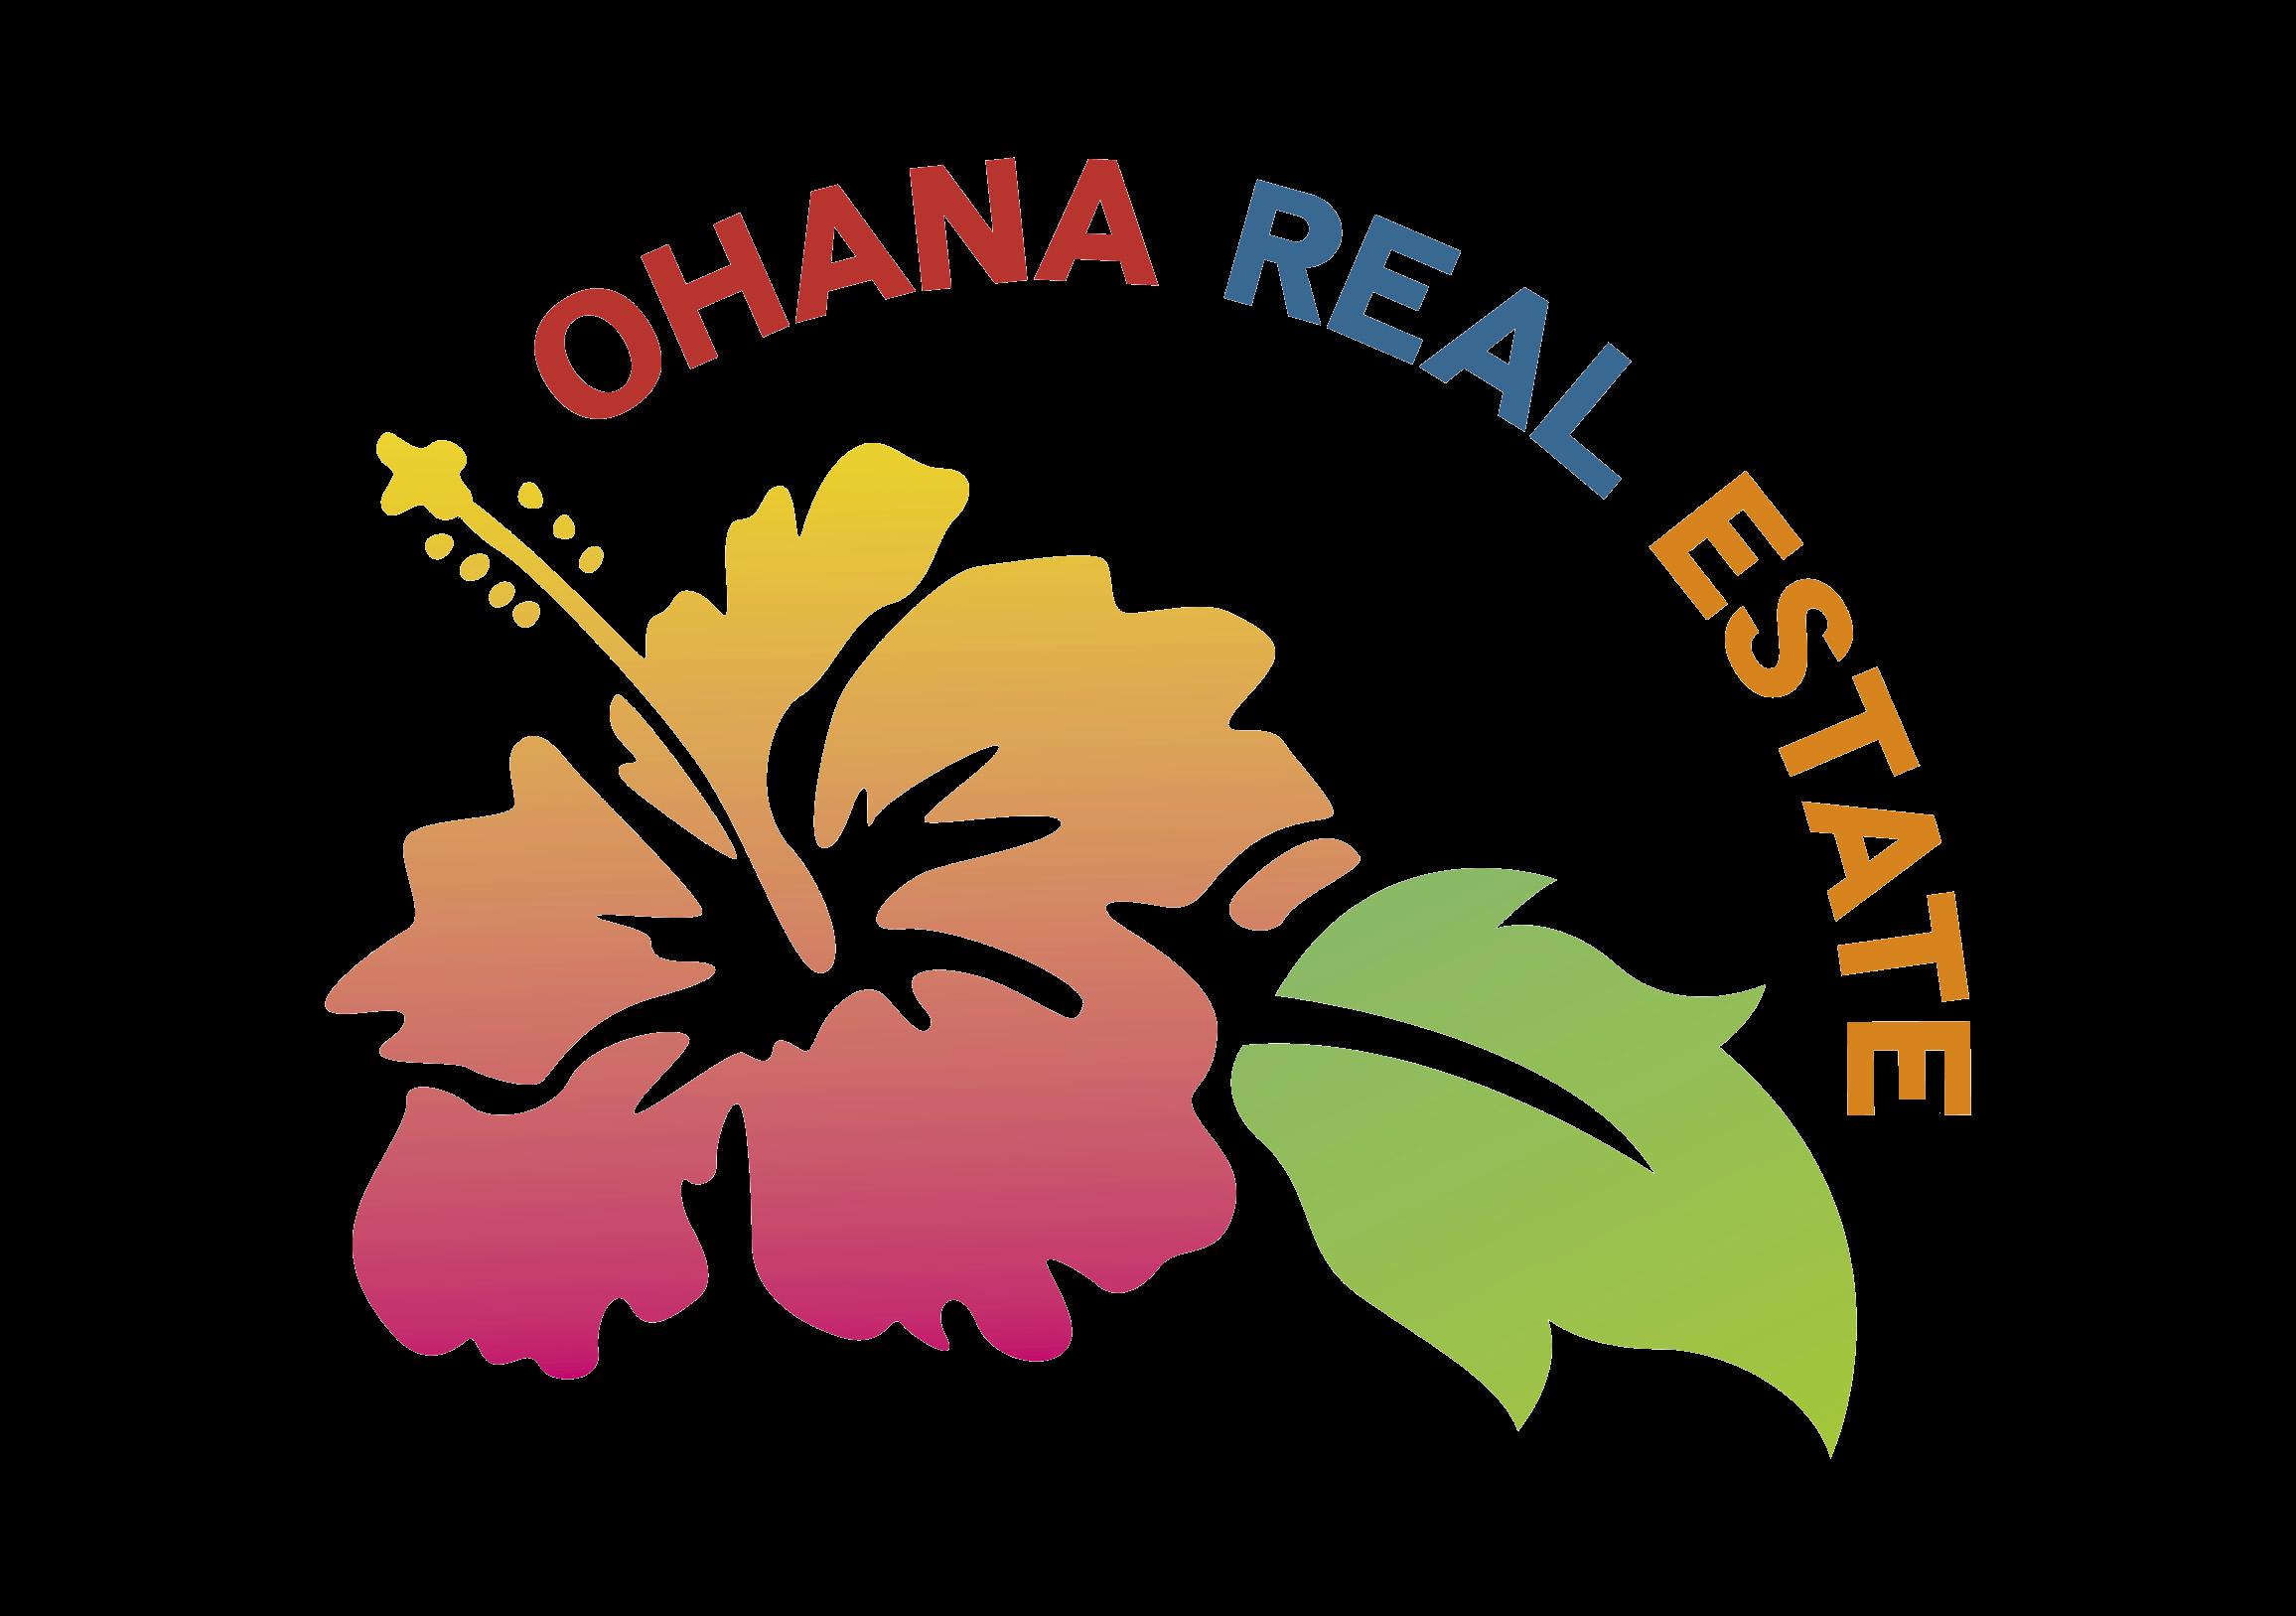 オハナ不動産ロゴ